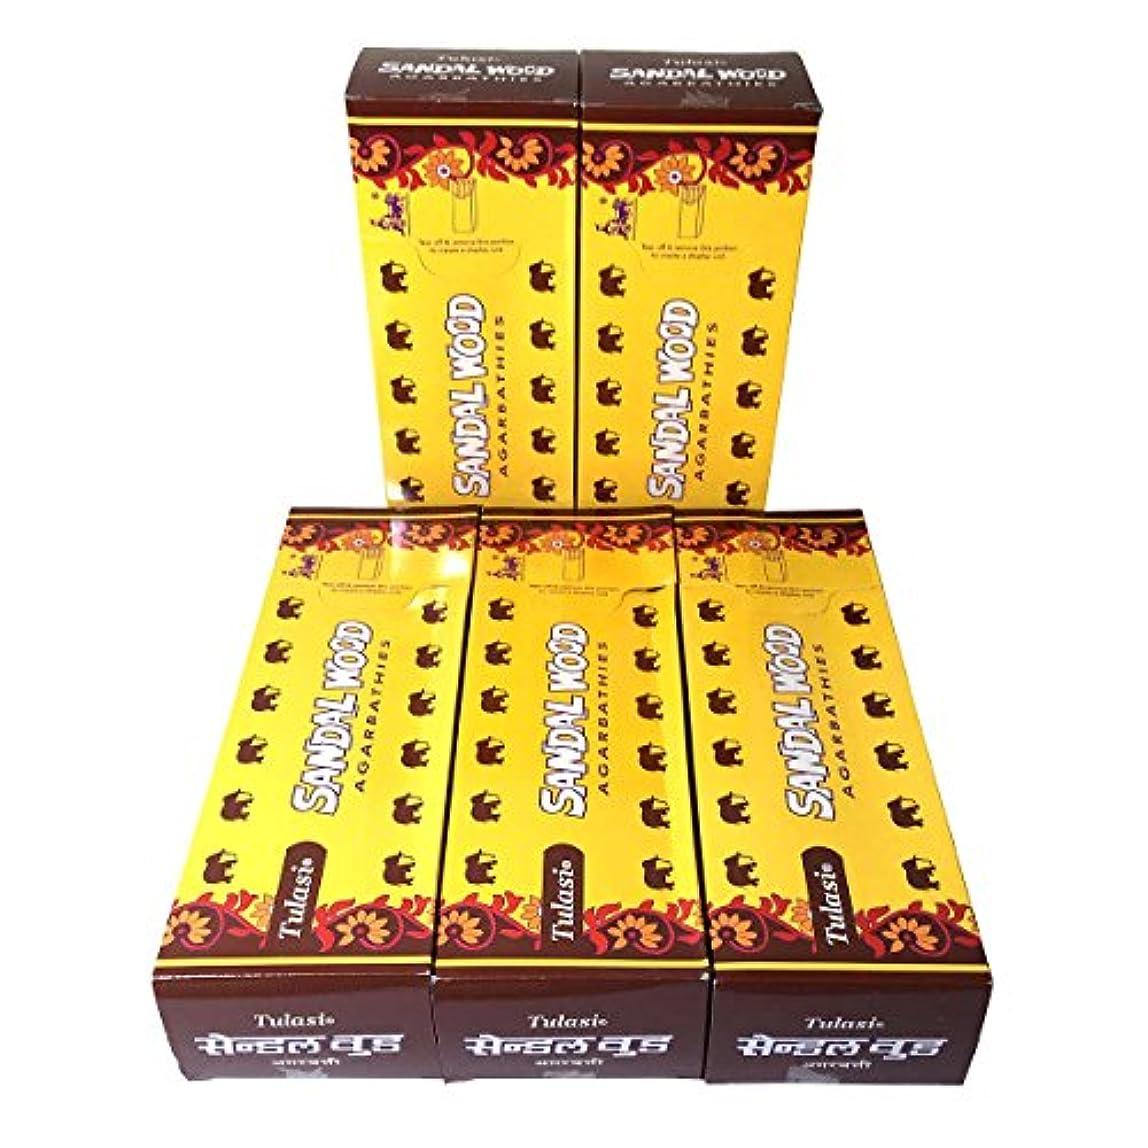 兄プログラム常習的サンダルウッド香スティック 5BOX(30箱)/TULASI SANDAL WOOD/ インド香 / 送料無料 [並行輸入品]